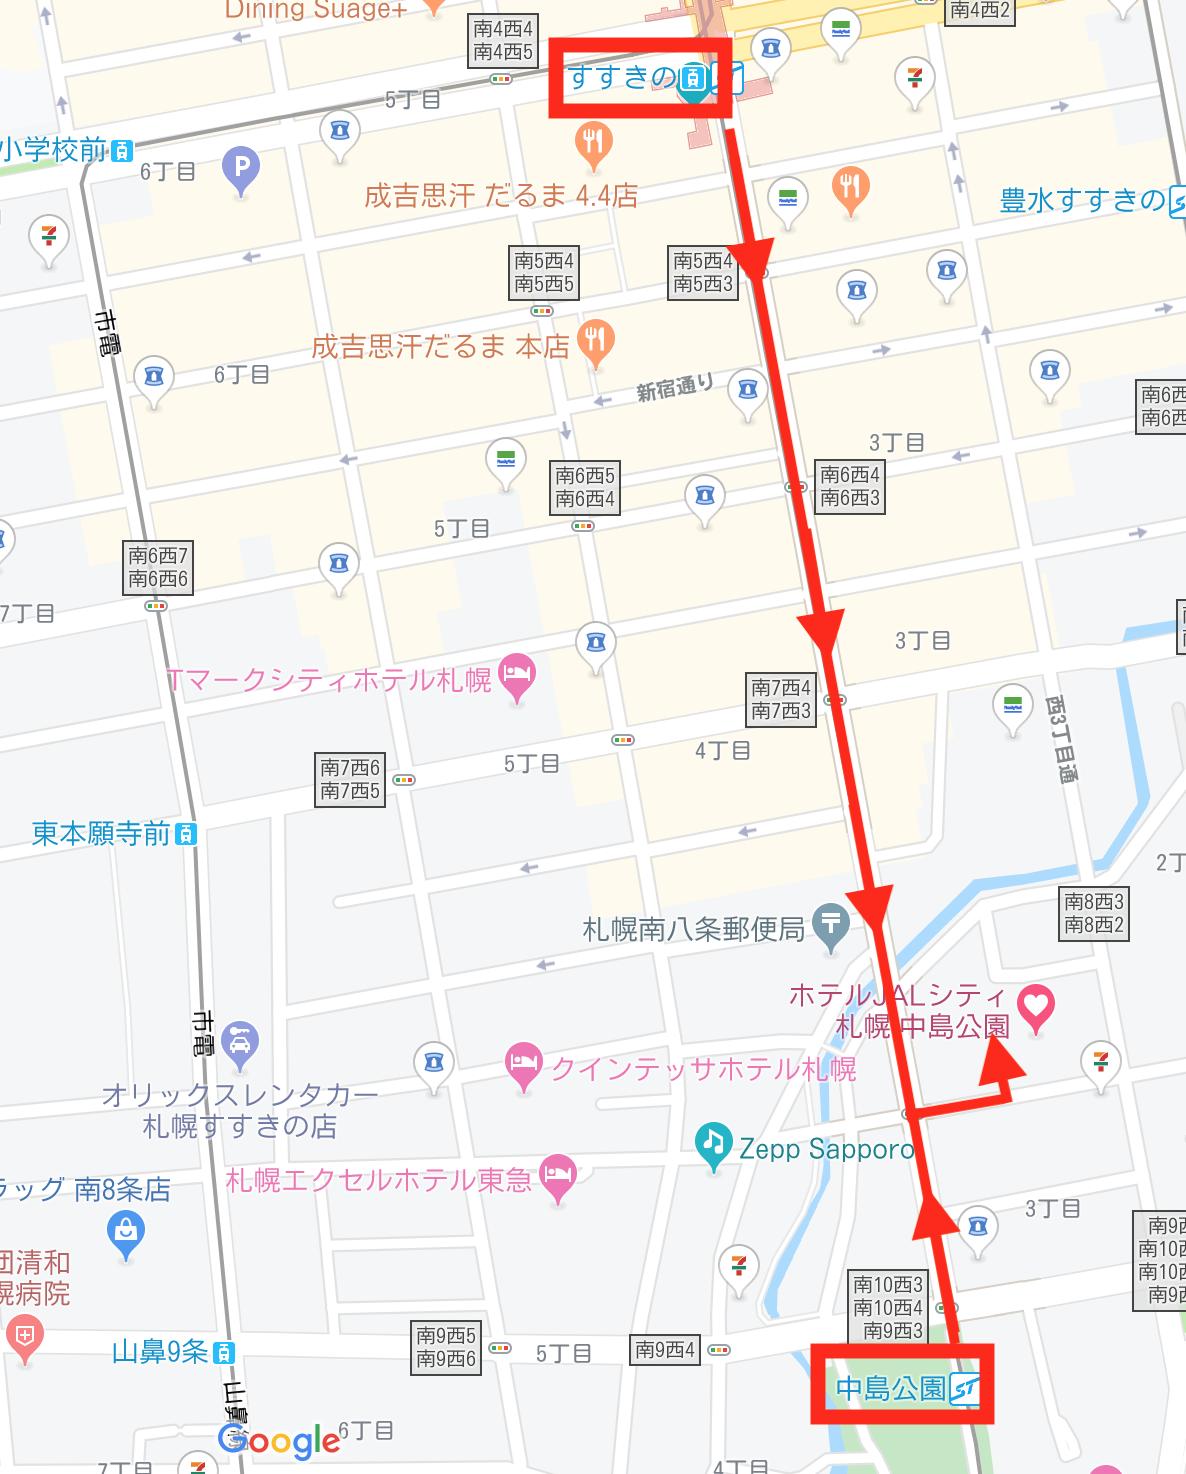 ホテルJALシティ札幌中島公園 最寄駅 道順